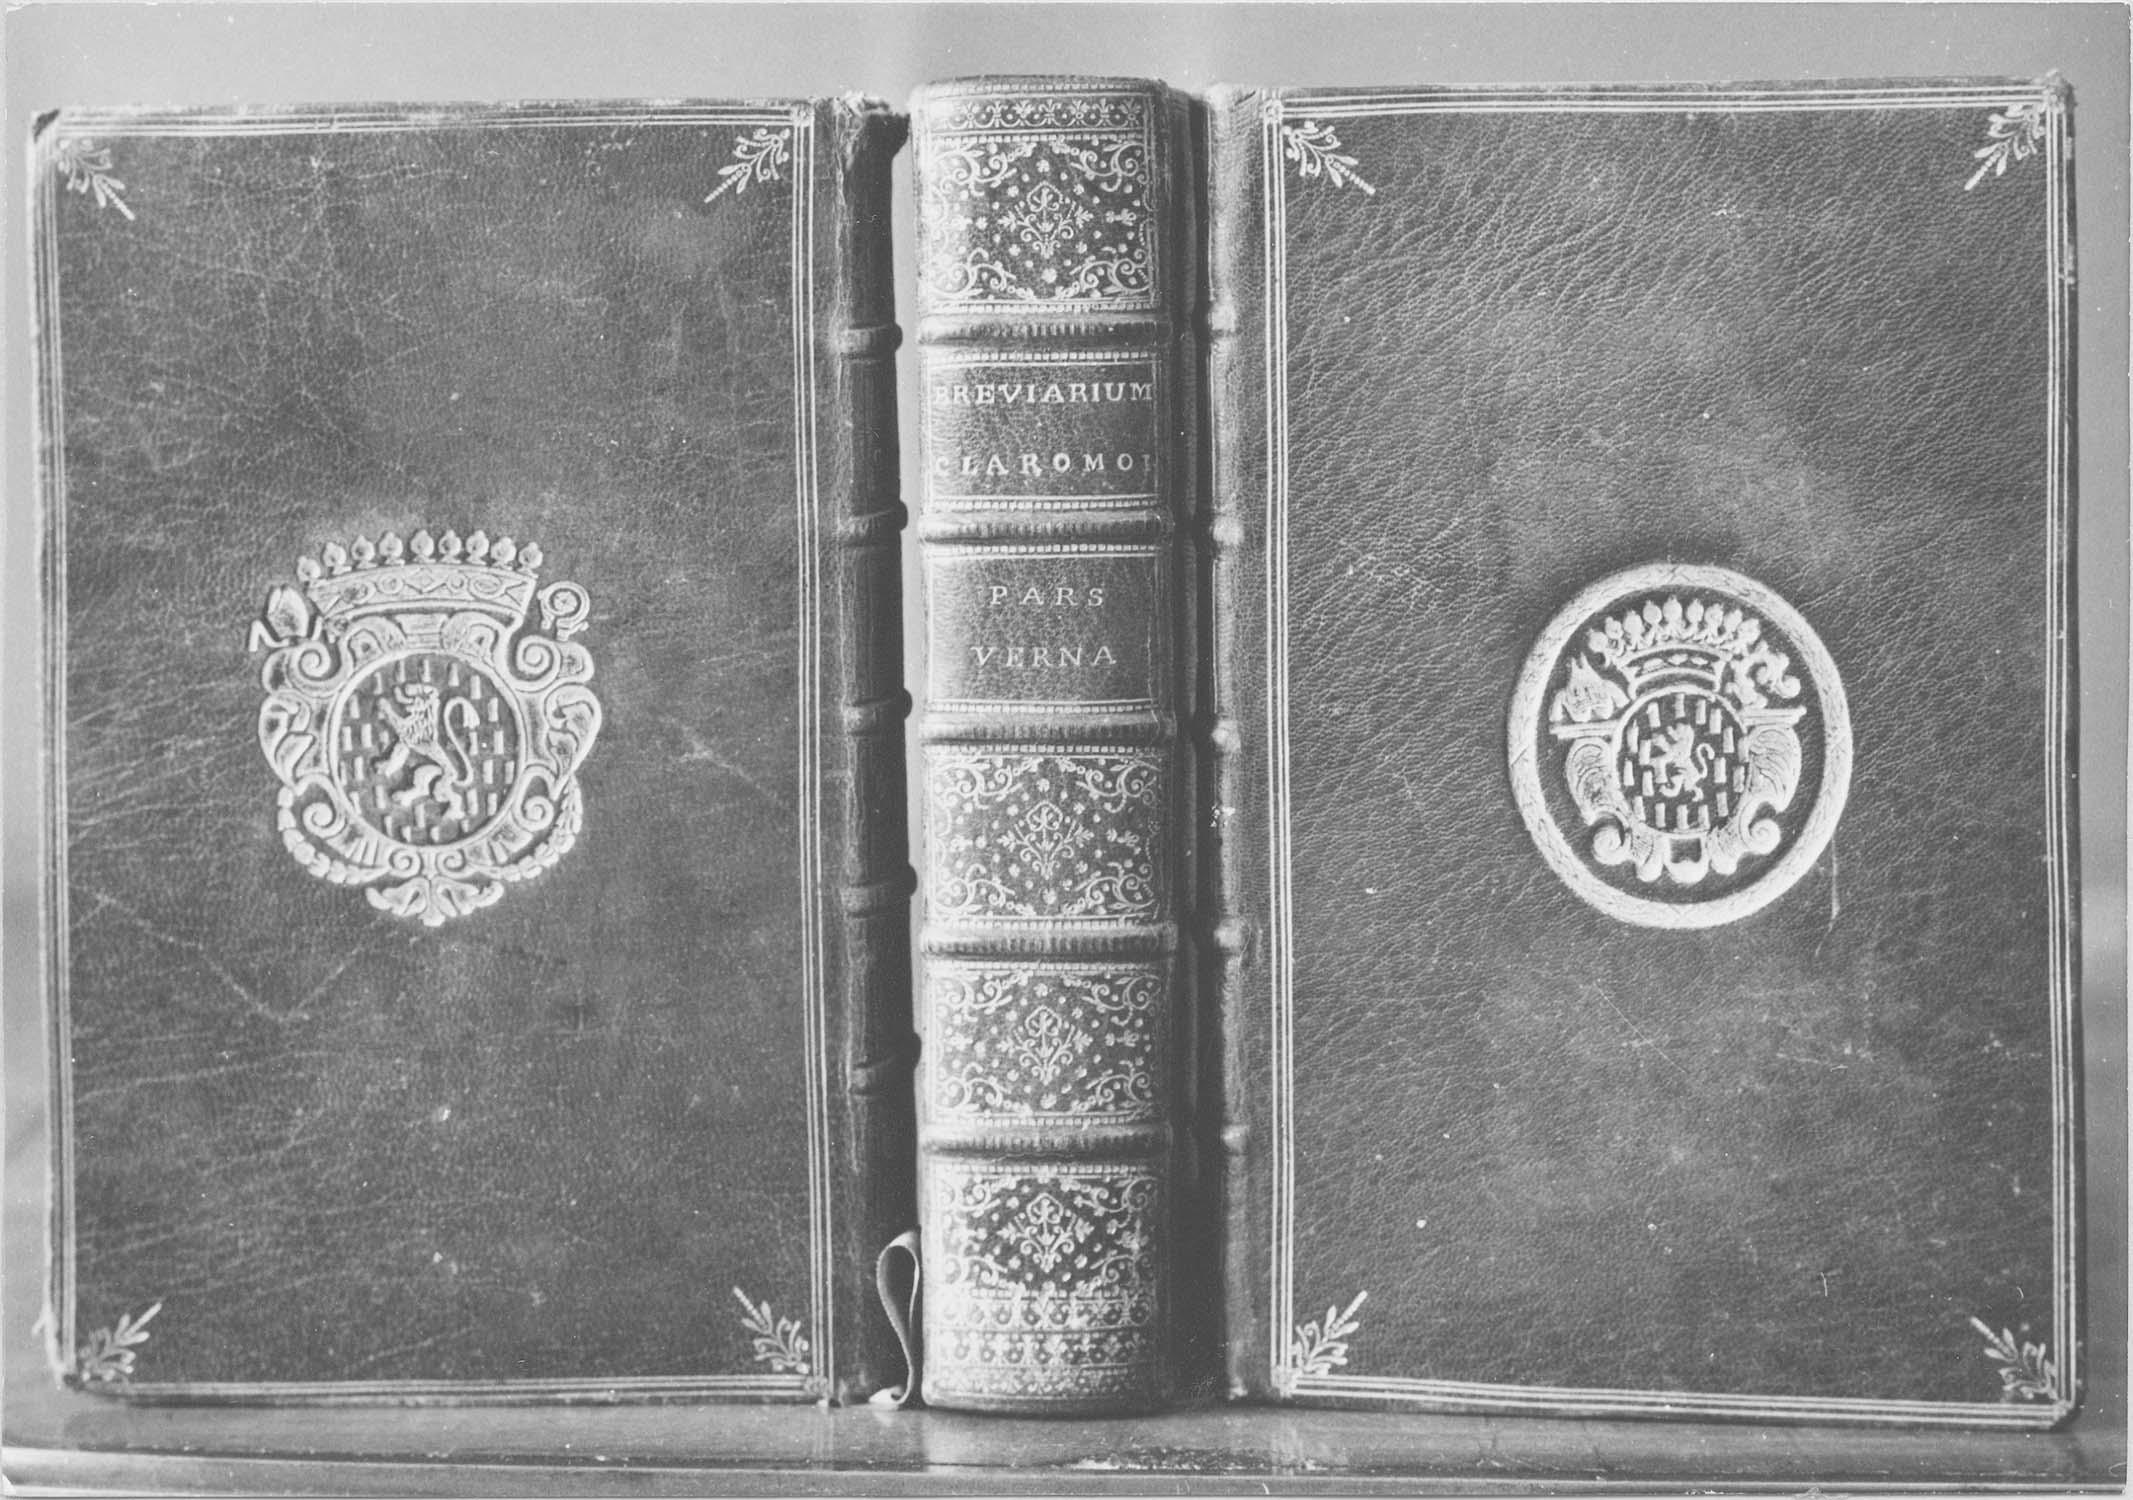 livre liturgique (bréviaire) : Breviarium Claromontense, vue générale de la reliure